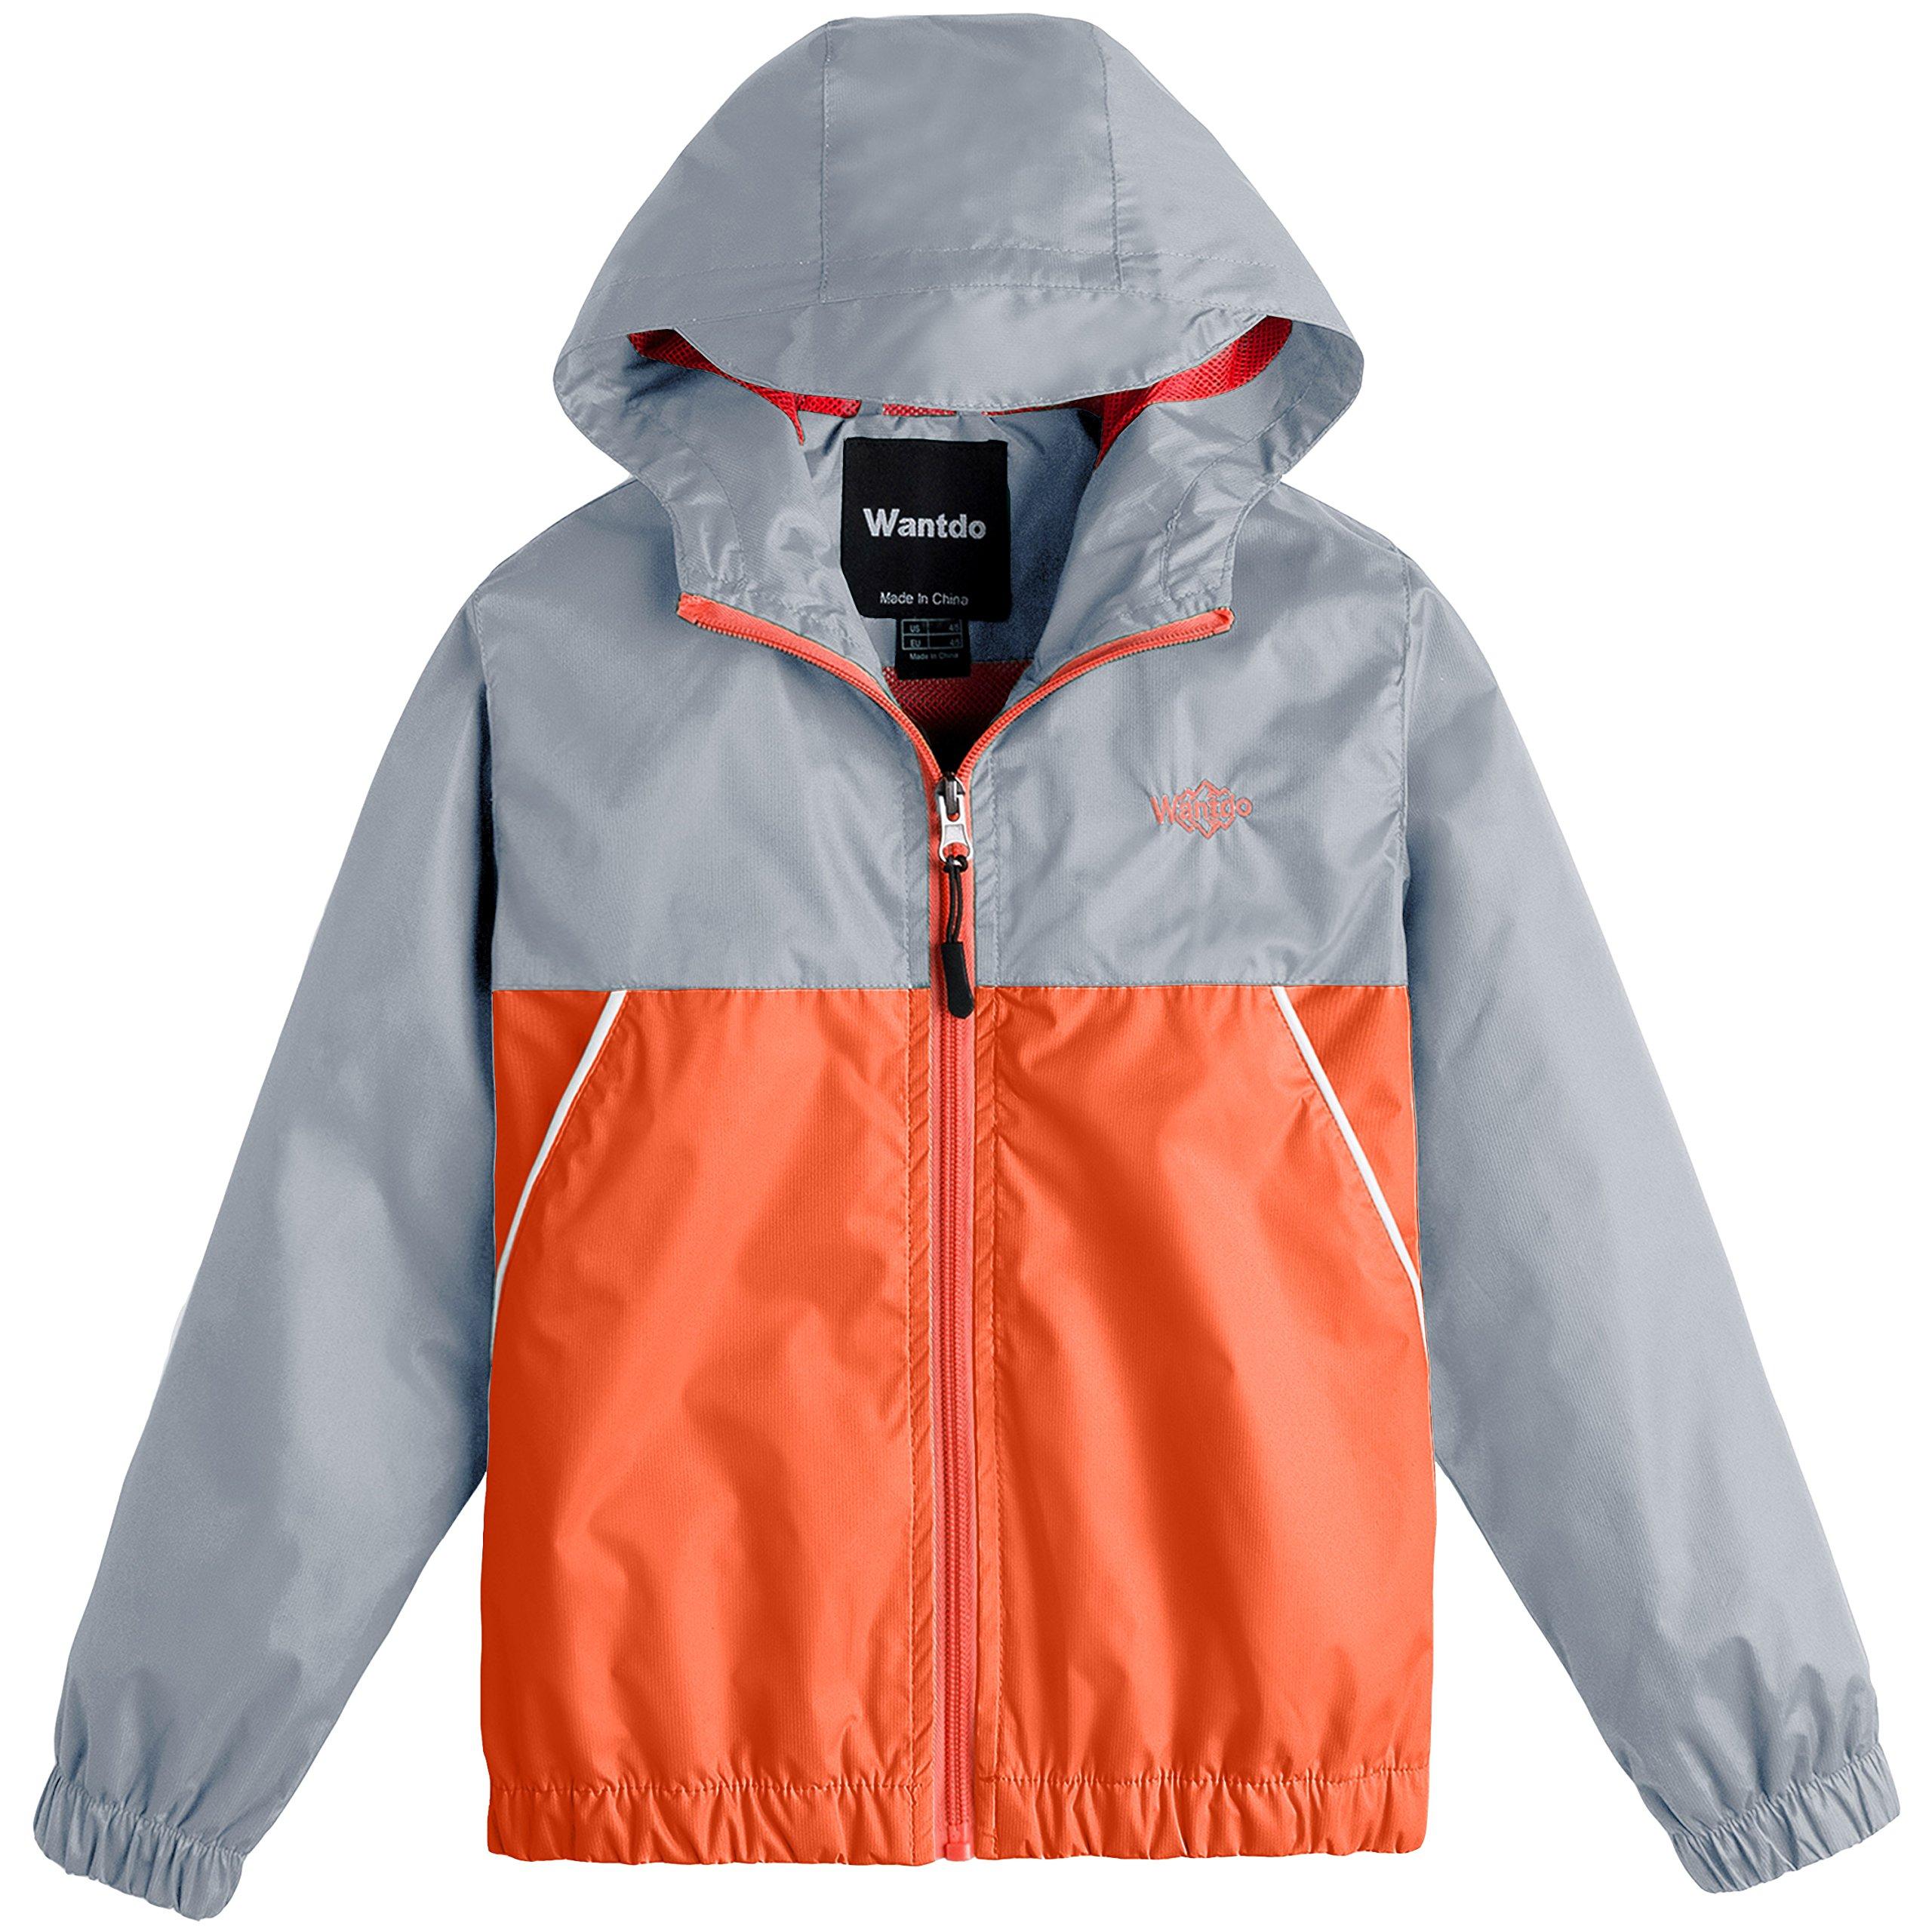 Wantdo Boy's Ultra Light Rain Jacket for Hiking Grey Lily Orange Yellow 6/7 by Wantdo